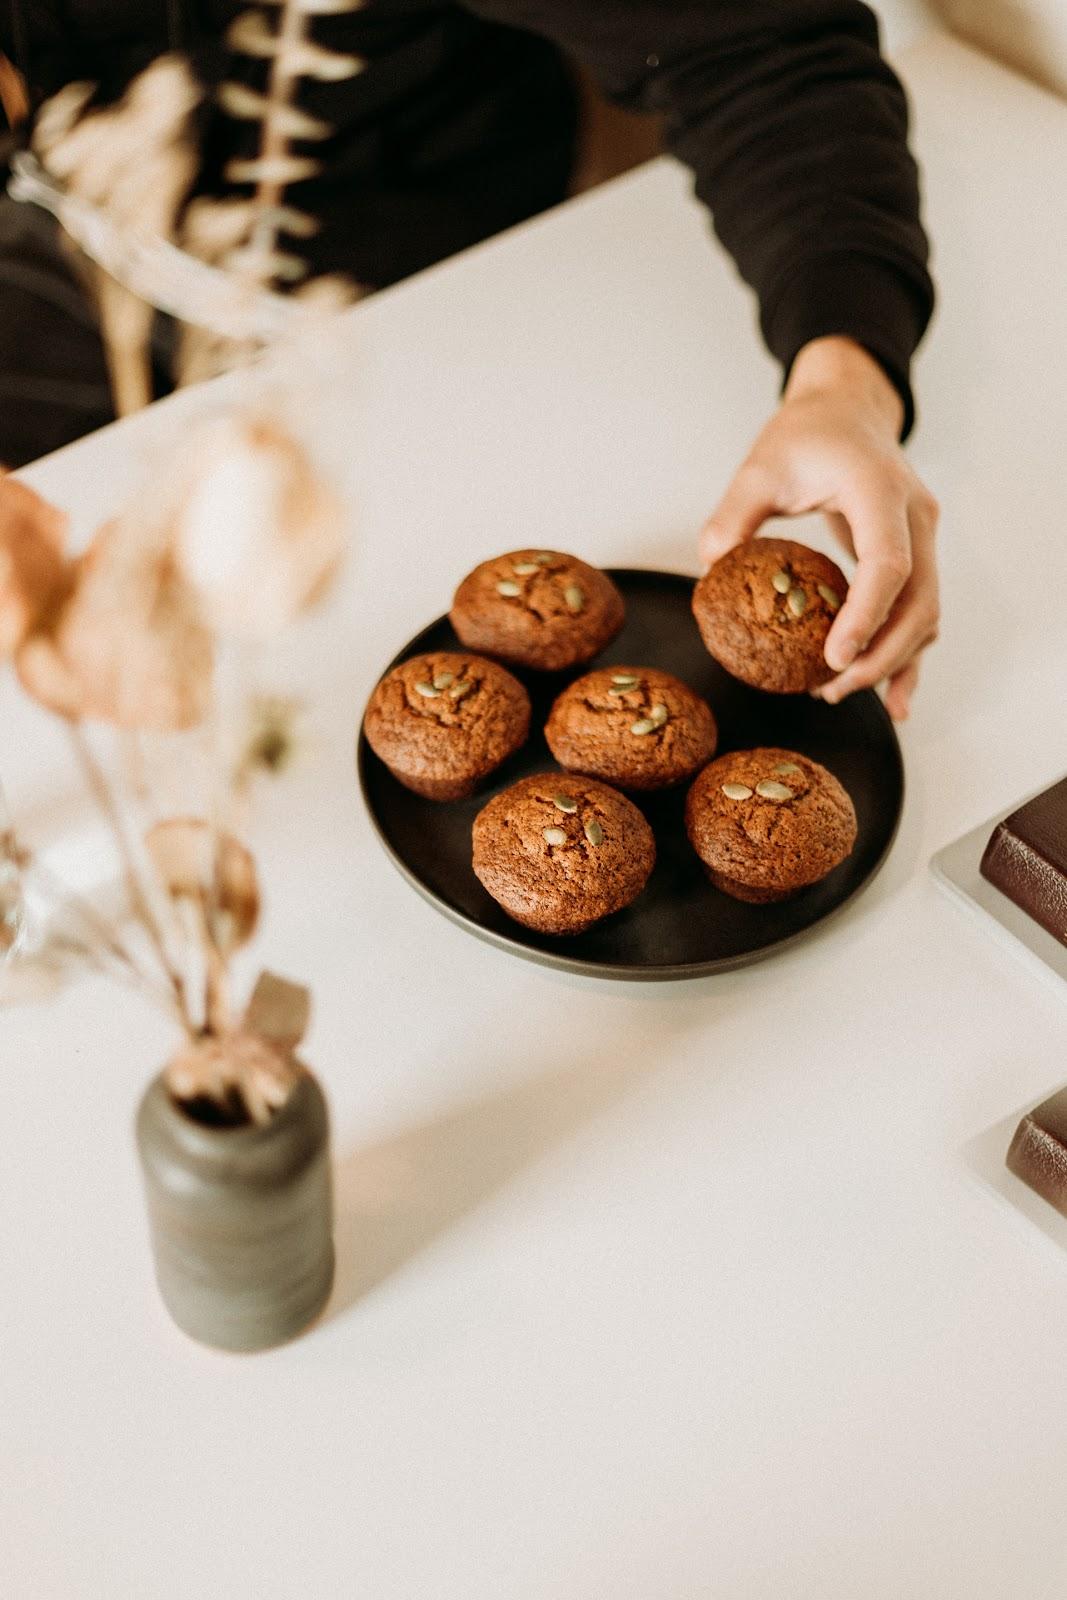 Wie lange halten sich Muffins?